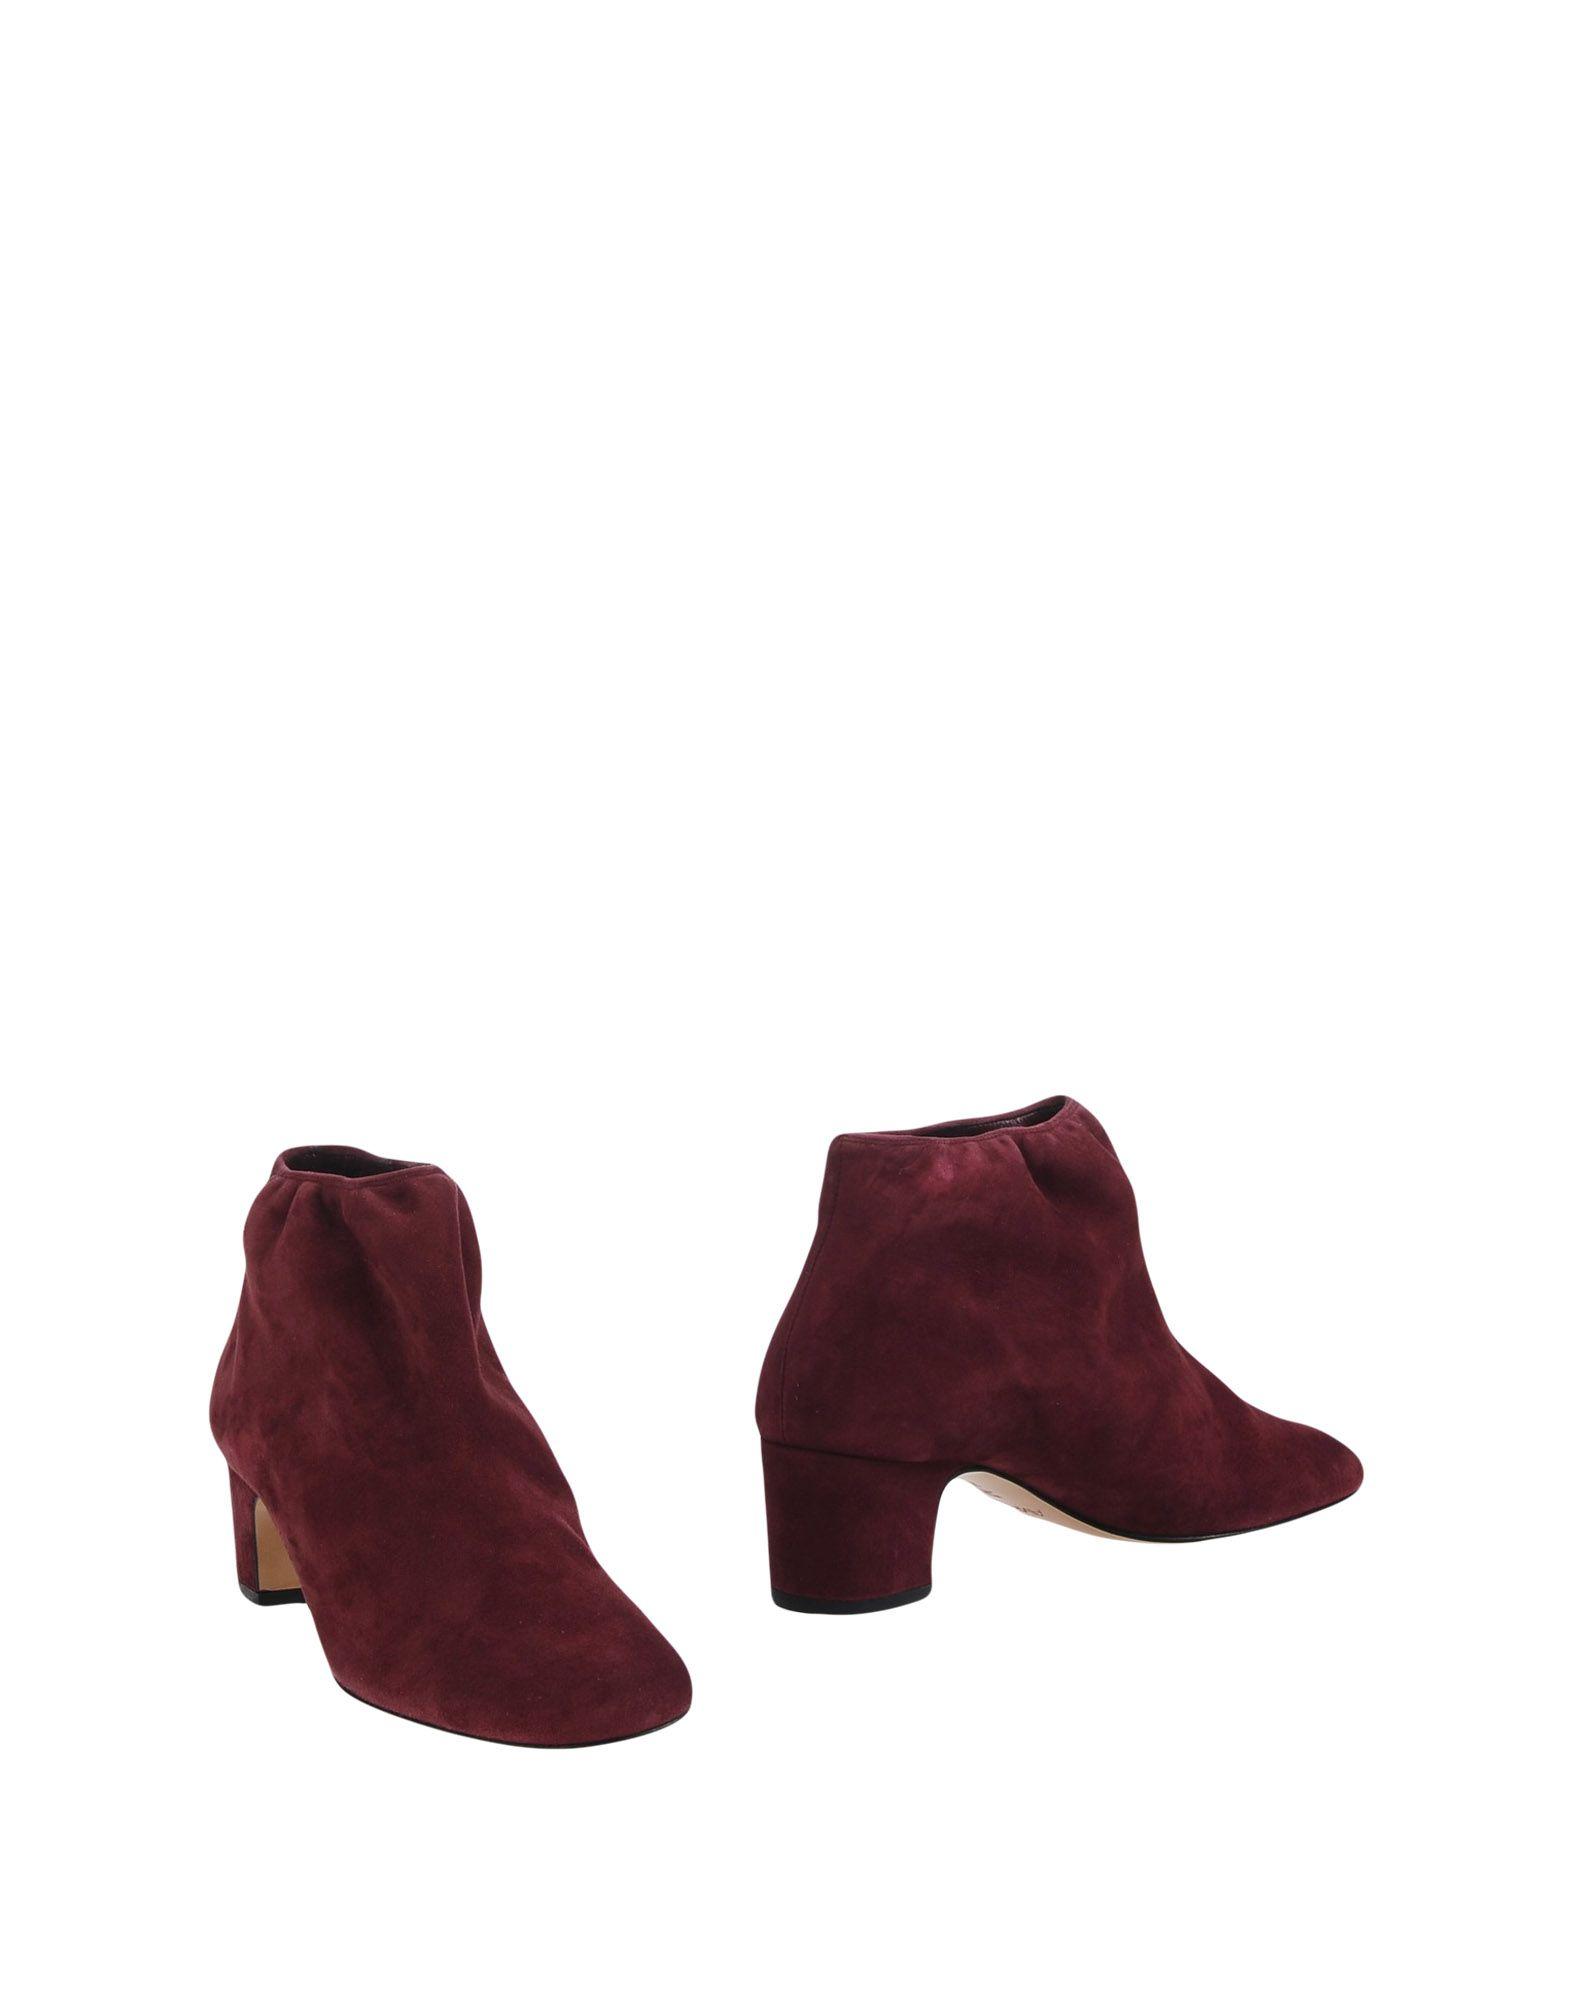 AVRIL GAU Полусапоги и высокие ботинки цены онлайн